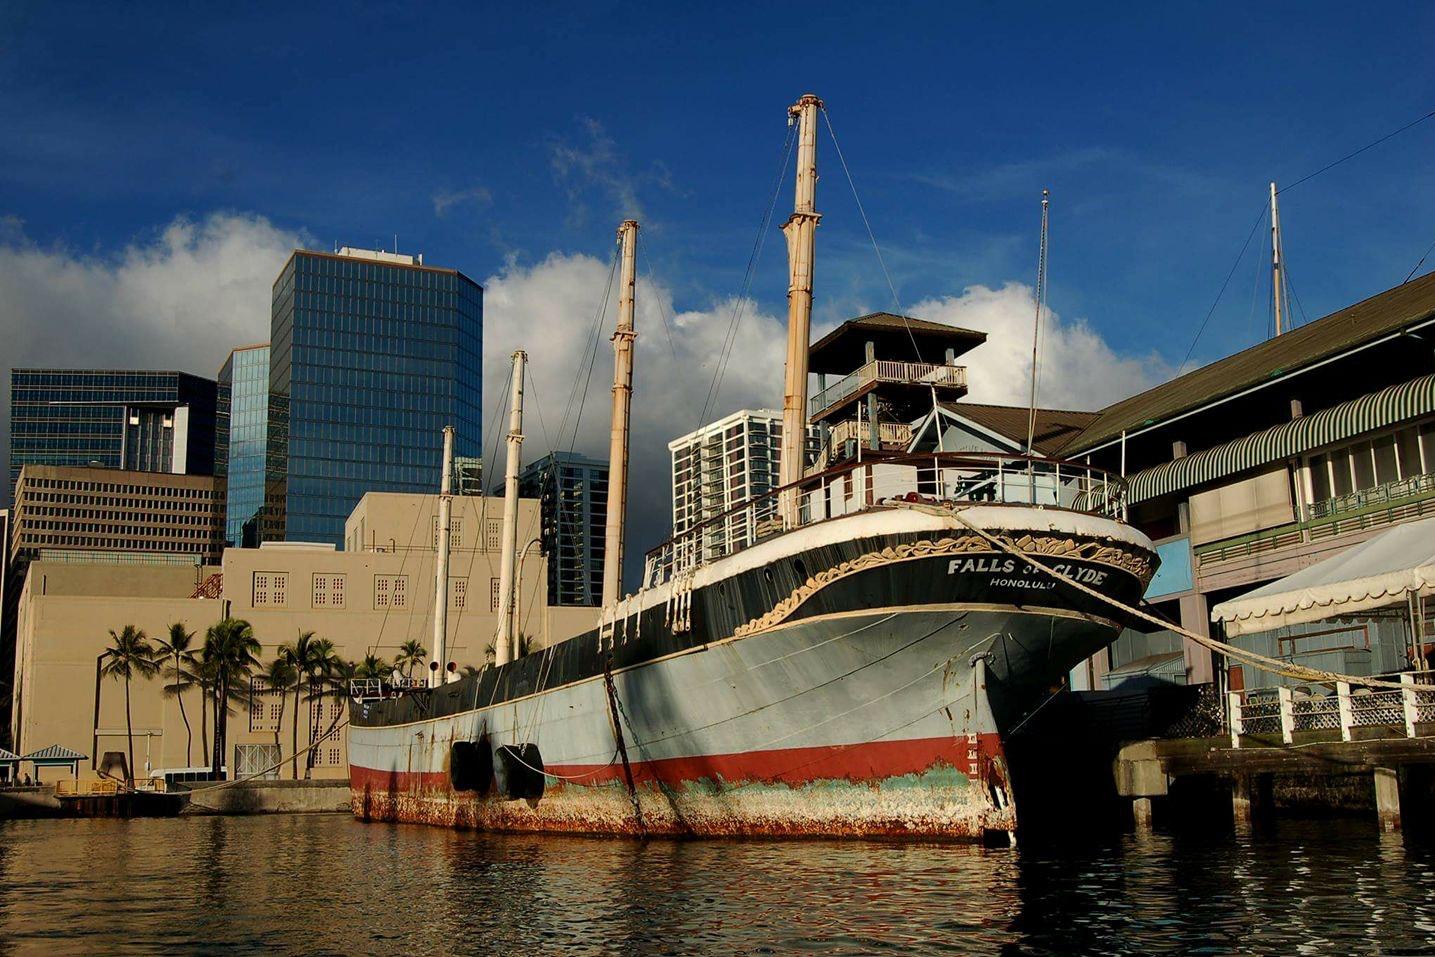 克莱德船从夏威夷回家